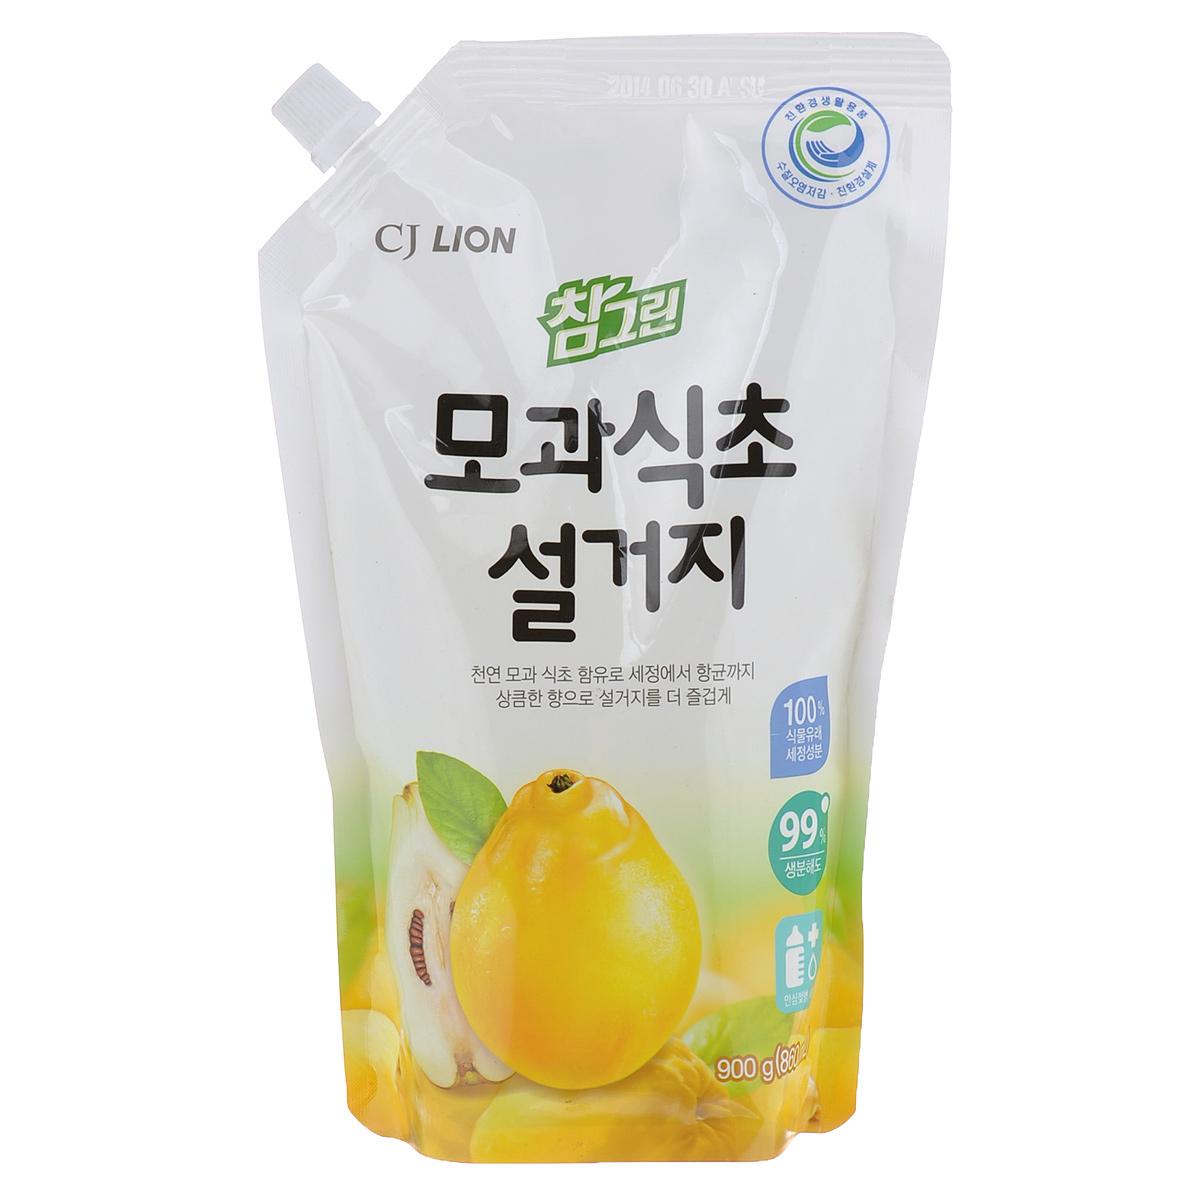 Средство для мытья посуды Cj Lion Chamgreen, айва, 860 мл613176Средство Cj Lion Chamgreen для мытья посуды, овощей и фруктов - это средство премиум класса, в состав которого входят природный экстракт айвы и моющие компоненты 100% растительного происхождения.Ключевые преимущества: - Удаление микробов на 99,9% - поэтому идеально подходит даже для мытья детских бутылочек;- Безопасность полного ополаскивания за 5 секунд - удаляются остатки компонентов, разрушающих жиры и чистящего средства;- Увлажнение и защита кожи рук - благодаря 100% растительному моющему составу и добавкам растительного происхождения для защиты кожи рук;- Идеально для мытья посуды, кухонной утвари, а также овощей и фруктов.Состав: ПАВ 21% (высшие спирты на растительной основе, высшие амины на растительной основе, растительный состав неионогенный и др.), эссенция айвы, средство для защиты рук и другие компоненты 79%.Товар сертифицирован.